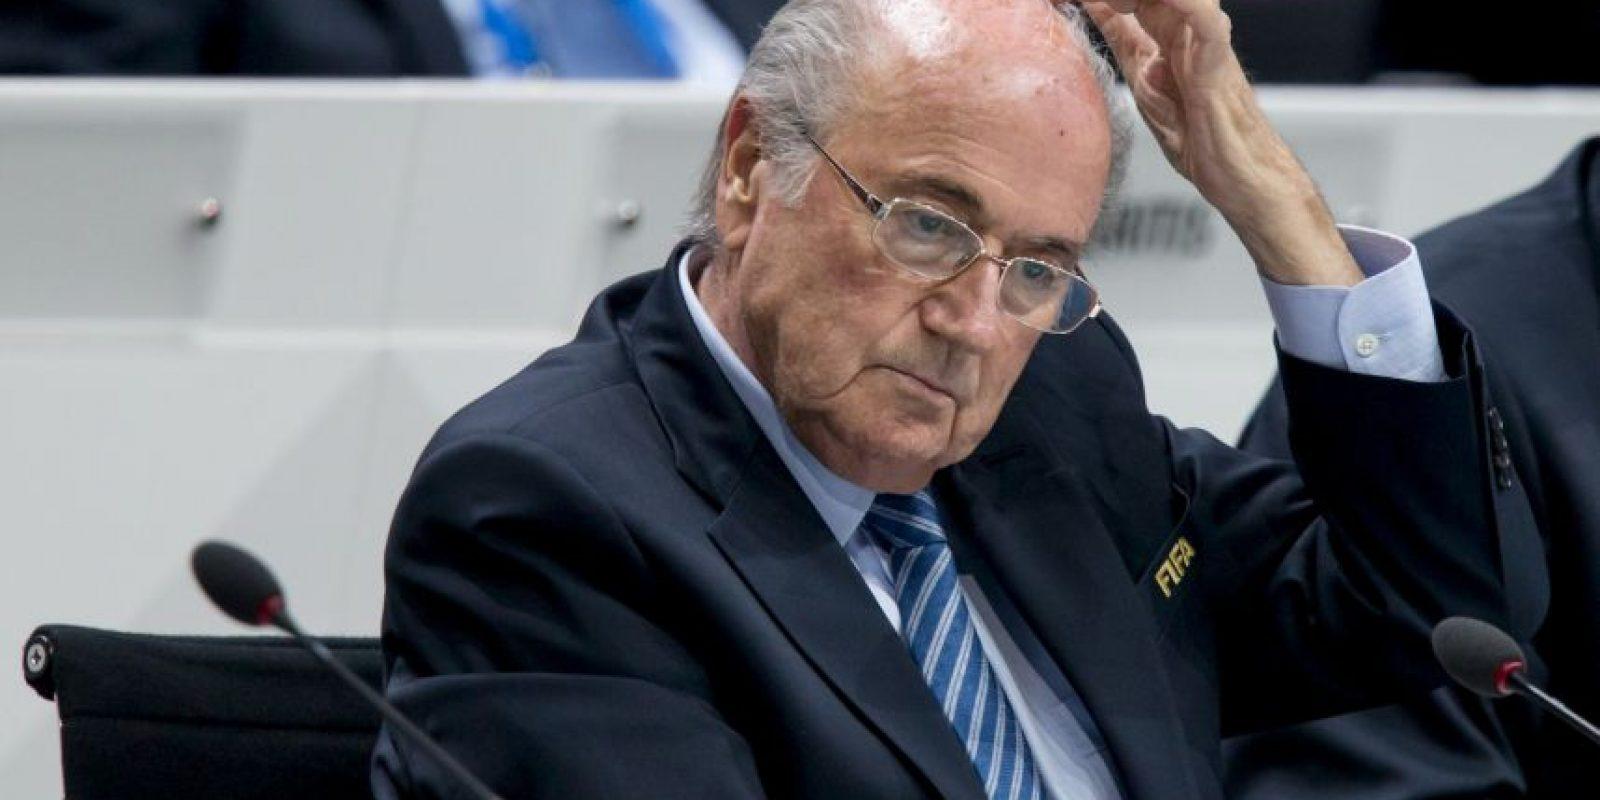 El suizo presentó su dimisión Foto:Getty Images